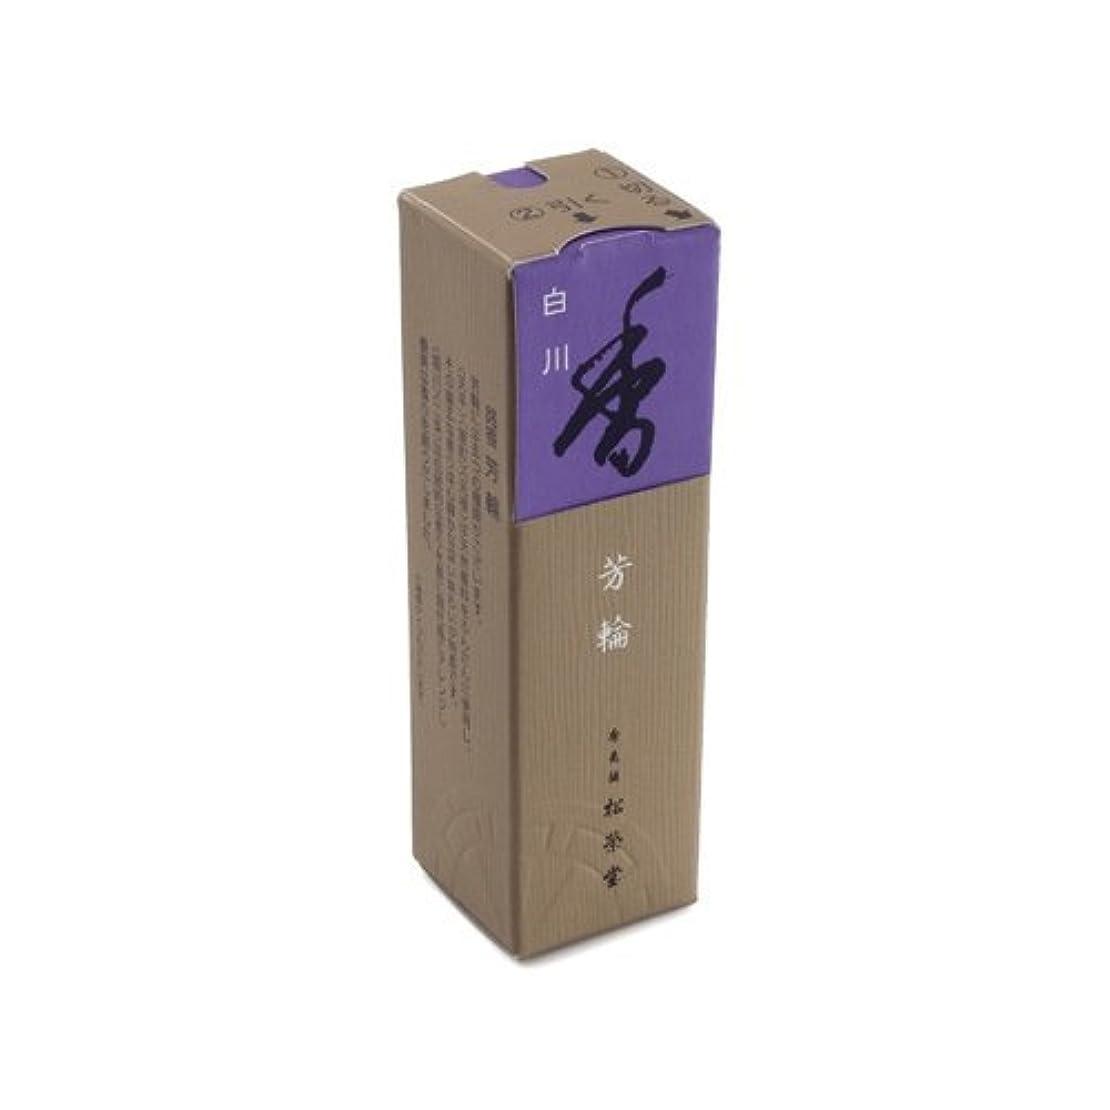 リスト若いフライカイトShoyeido - Horin Incense Sticks White River - 20 Stick(s) by Shoyeido